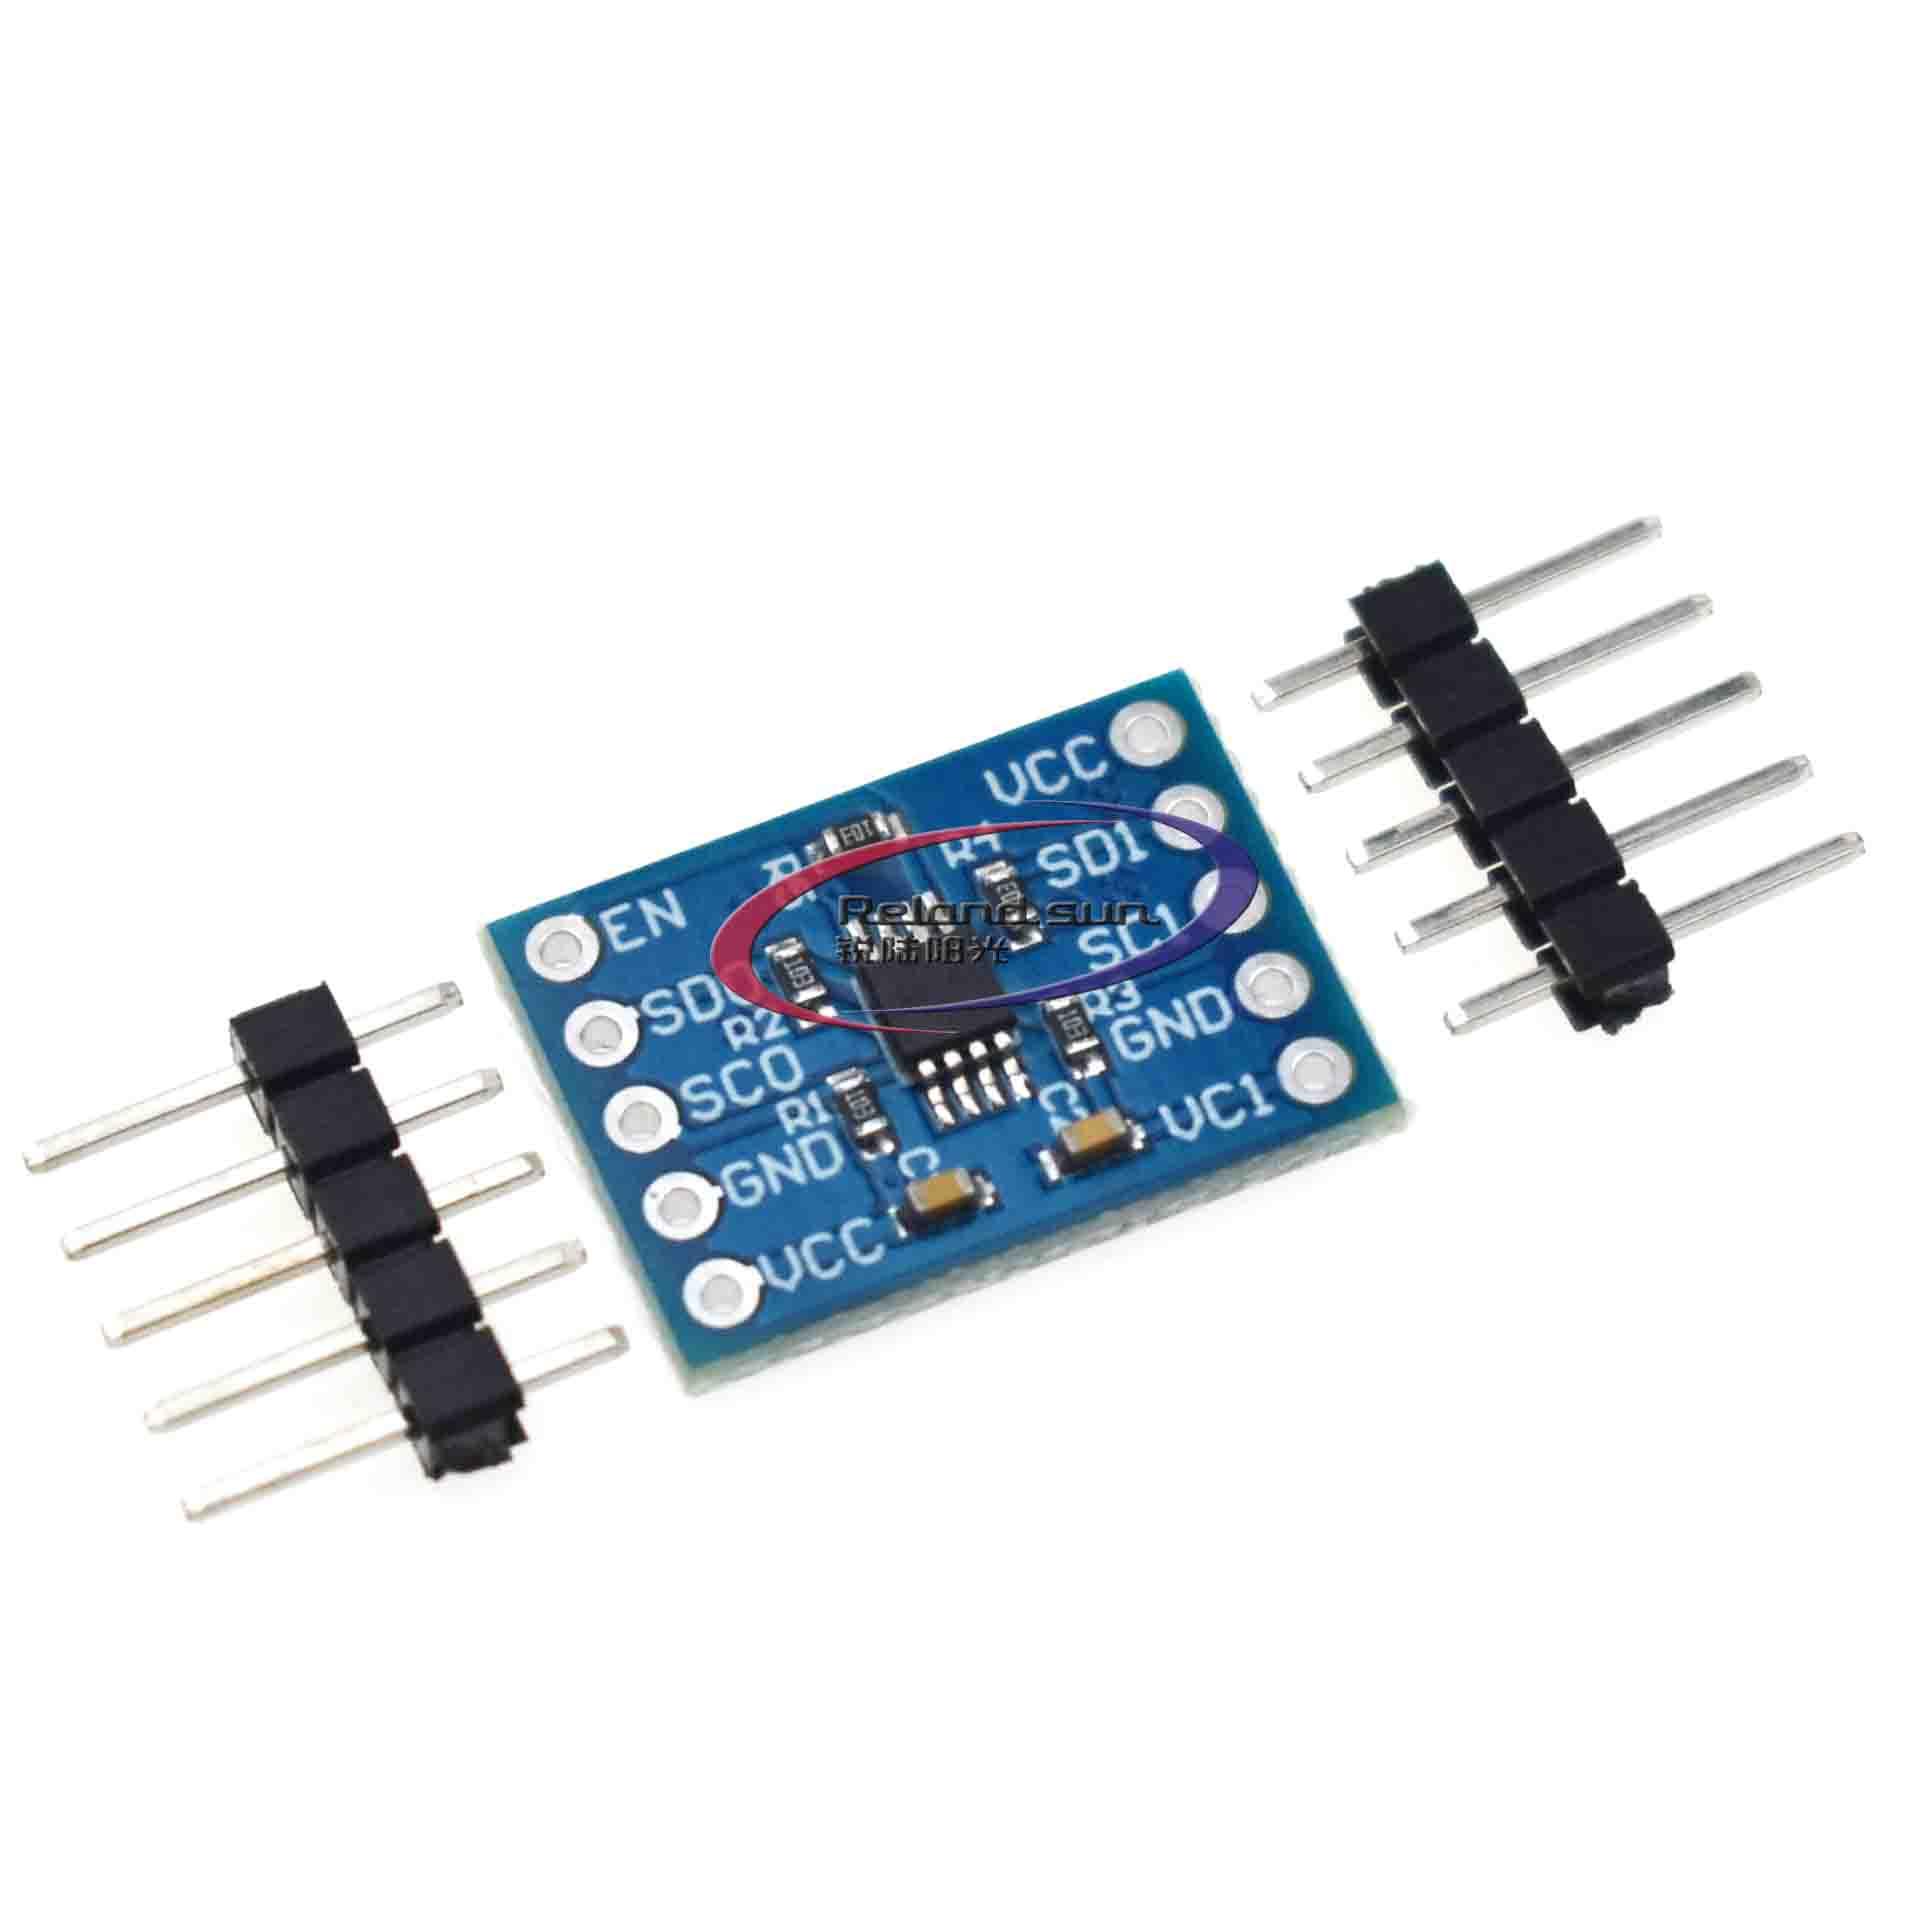 1pcs CJMCU-9515 I2C Module PCA9515A 2 Channel 2Bit I2C Repeater SMBus 400KHz Dual Bidirectional Repeater Module